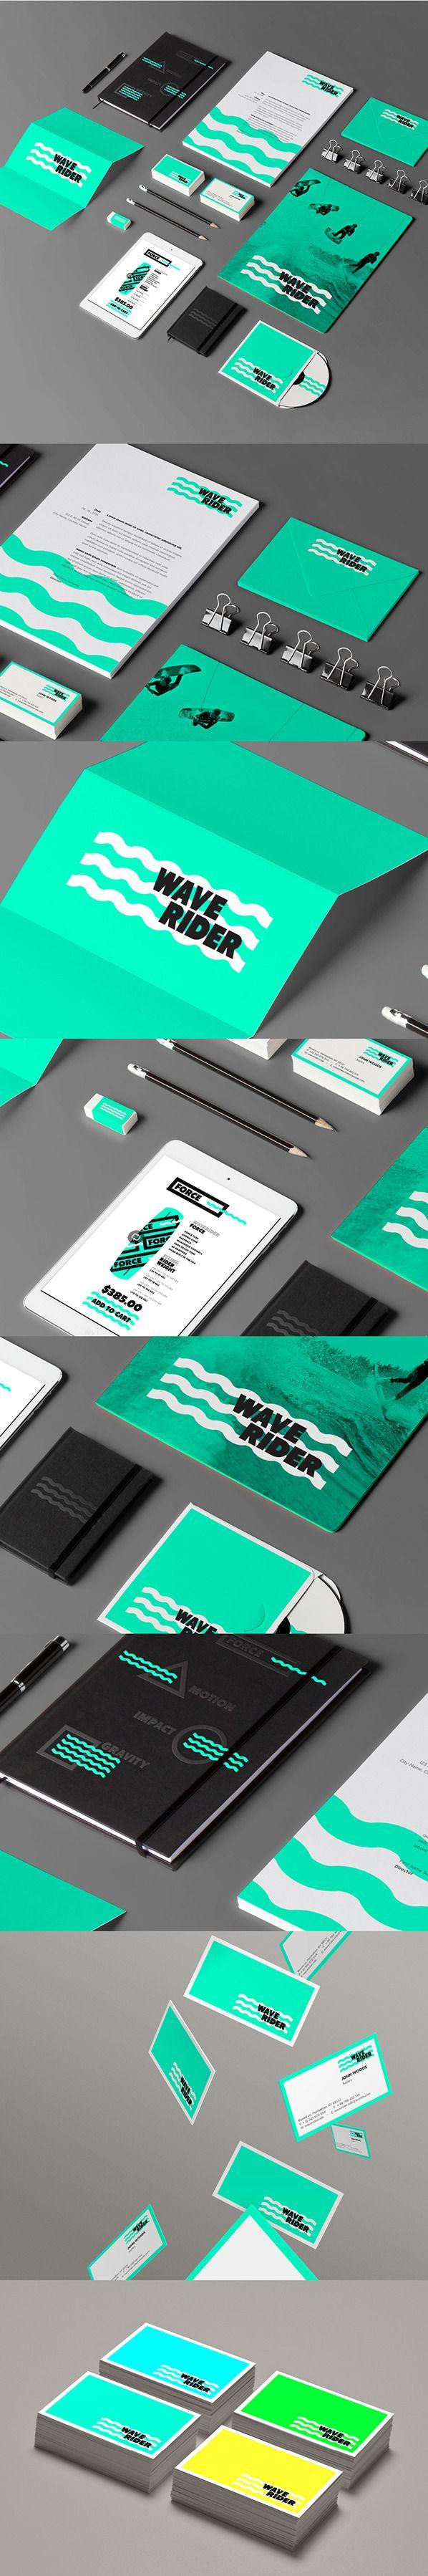 WAVERIDER Branding by Jonathan Quintin / Couleurs vives et dynamiques, superposition des vagues au texte